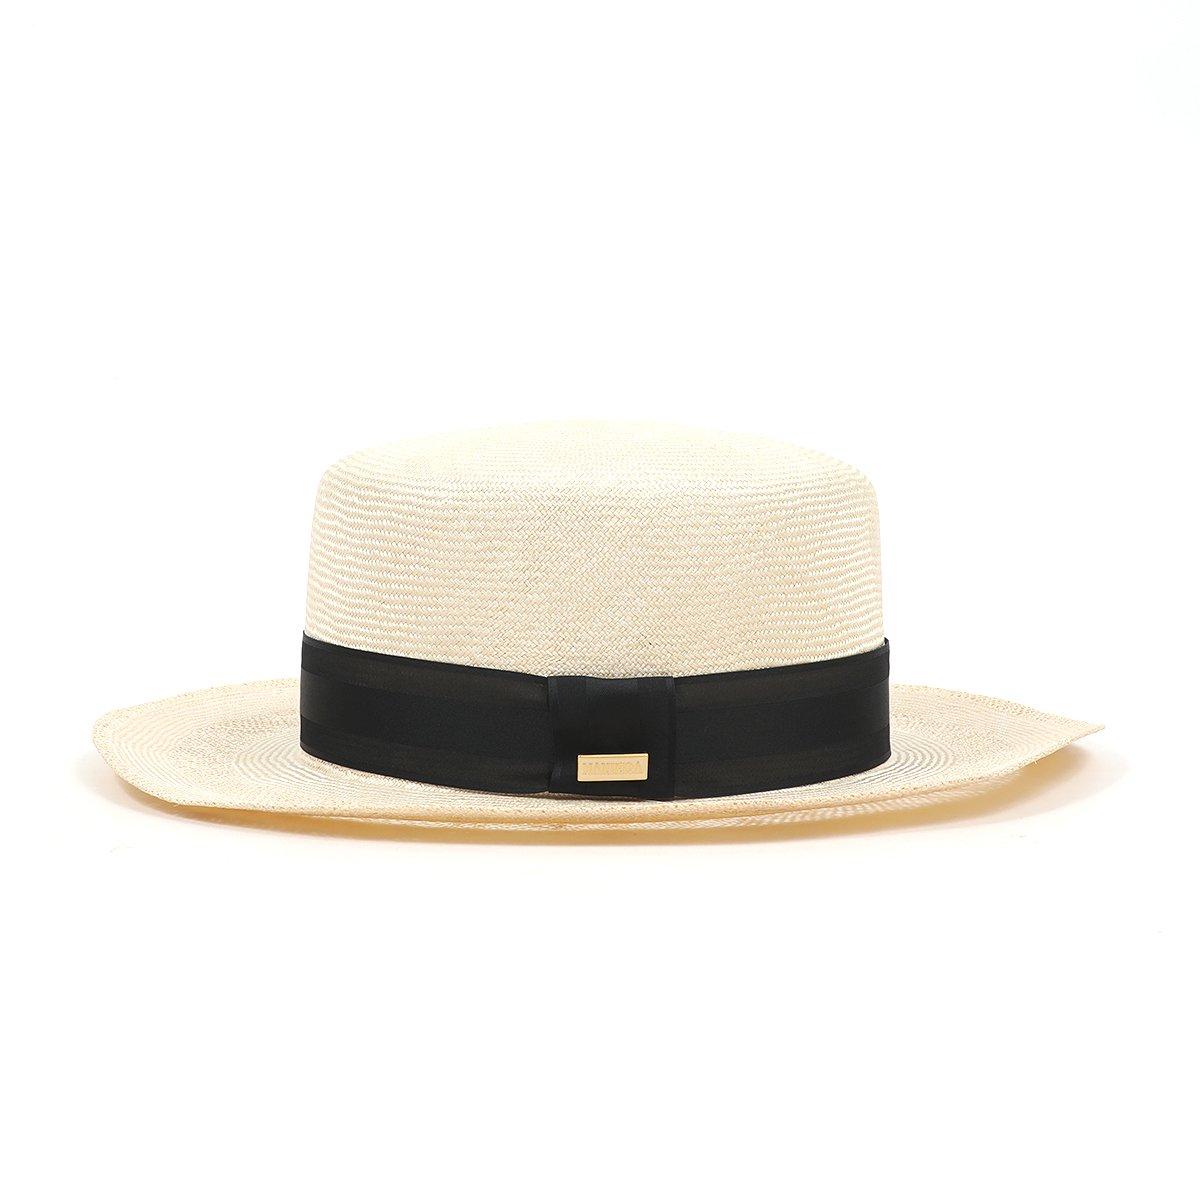 【LADY'S】SISOL PORK PIE HAT 詳細画像4